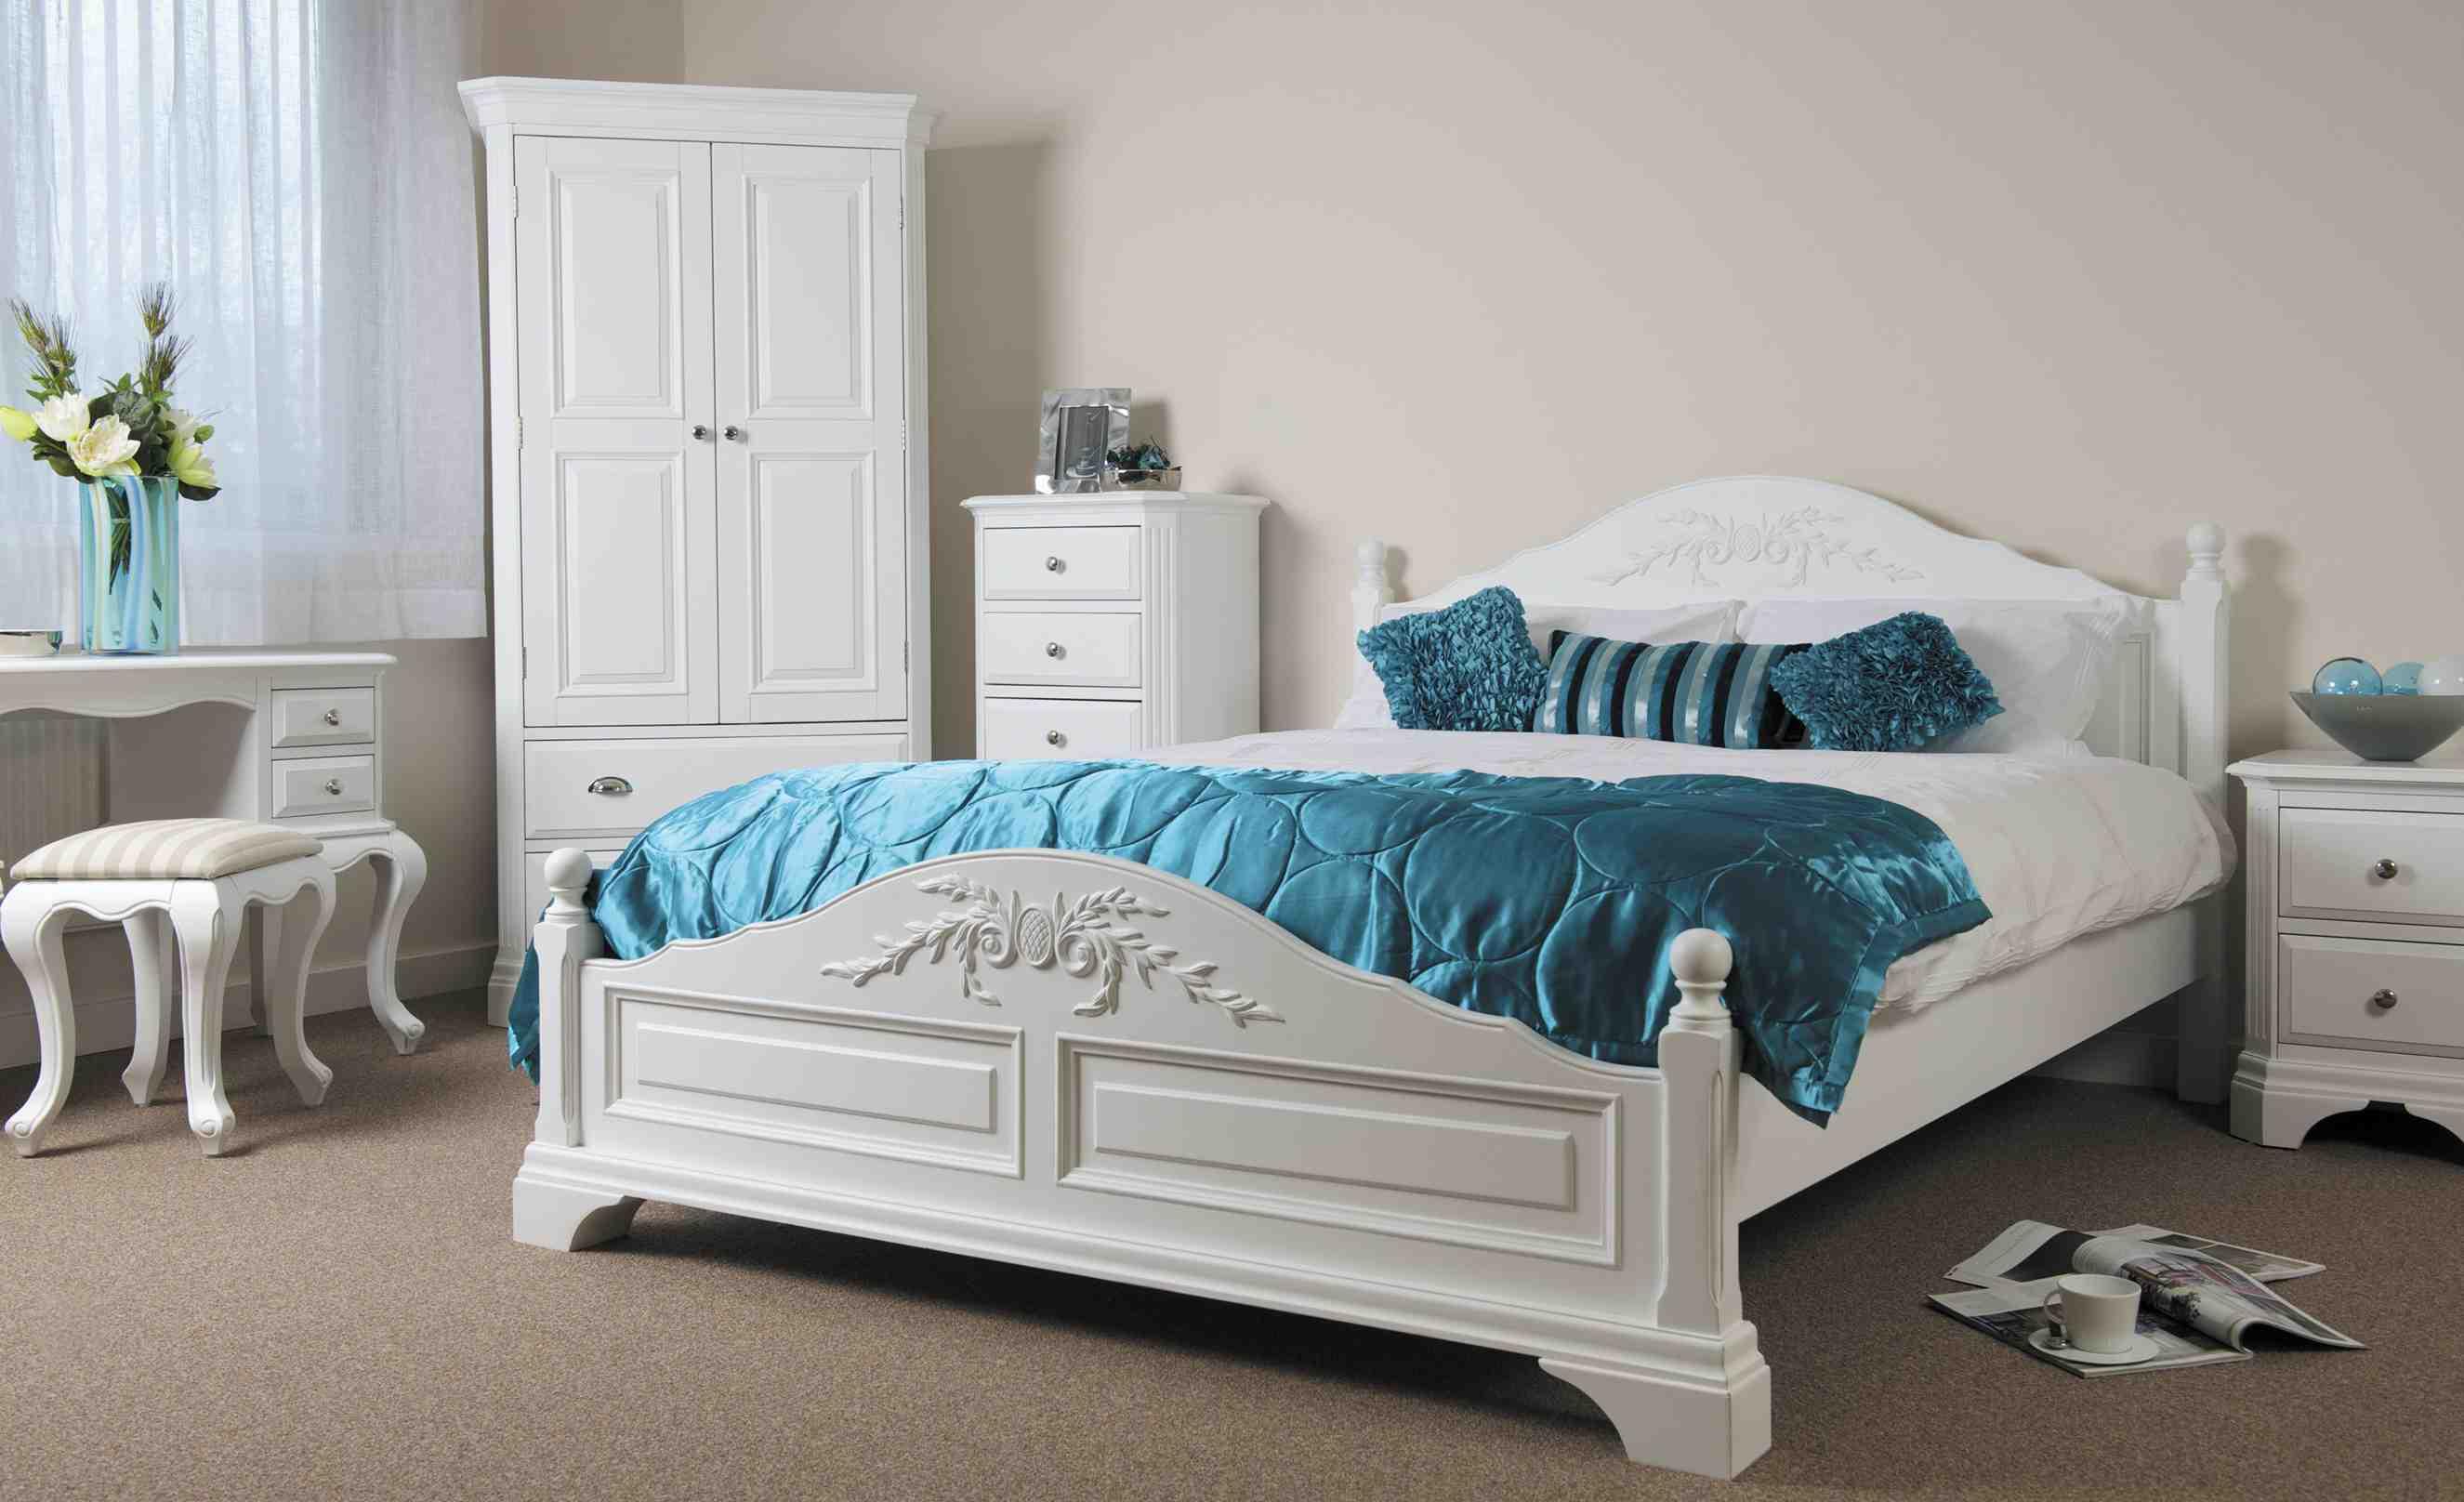 Белая кровать с бирюзовыми подушками